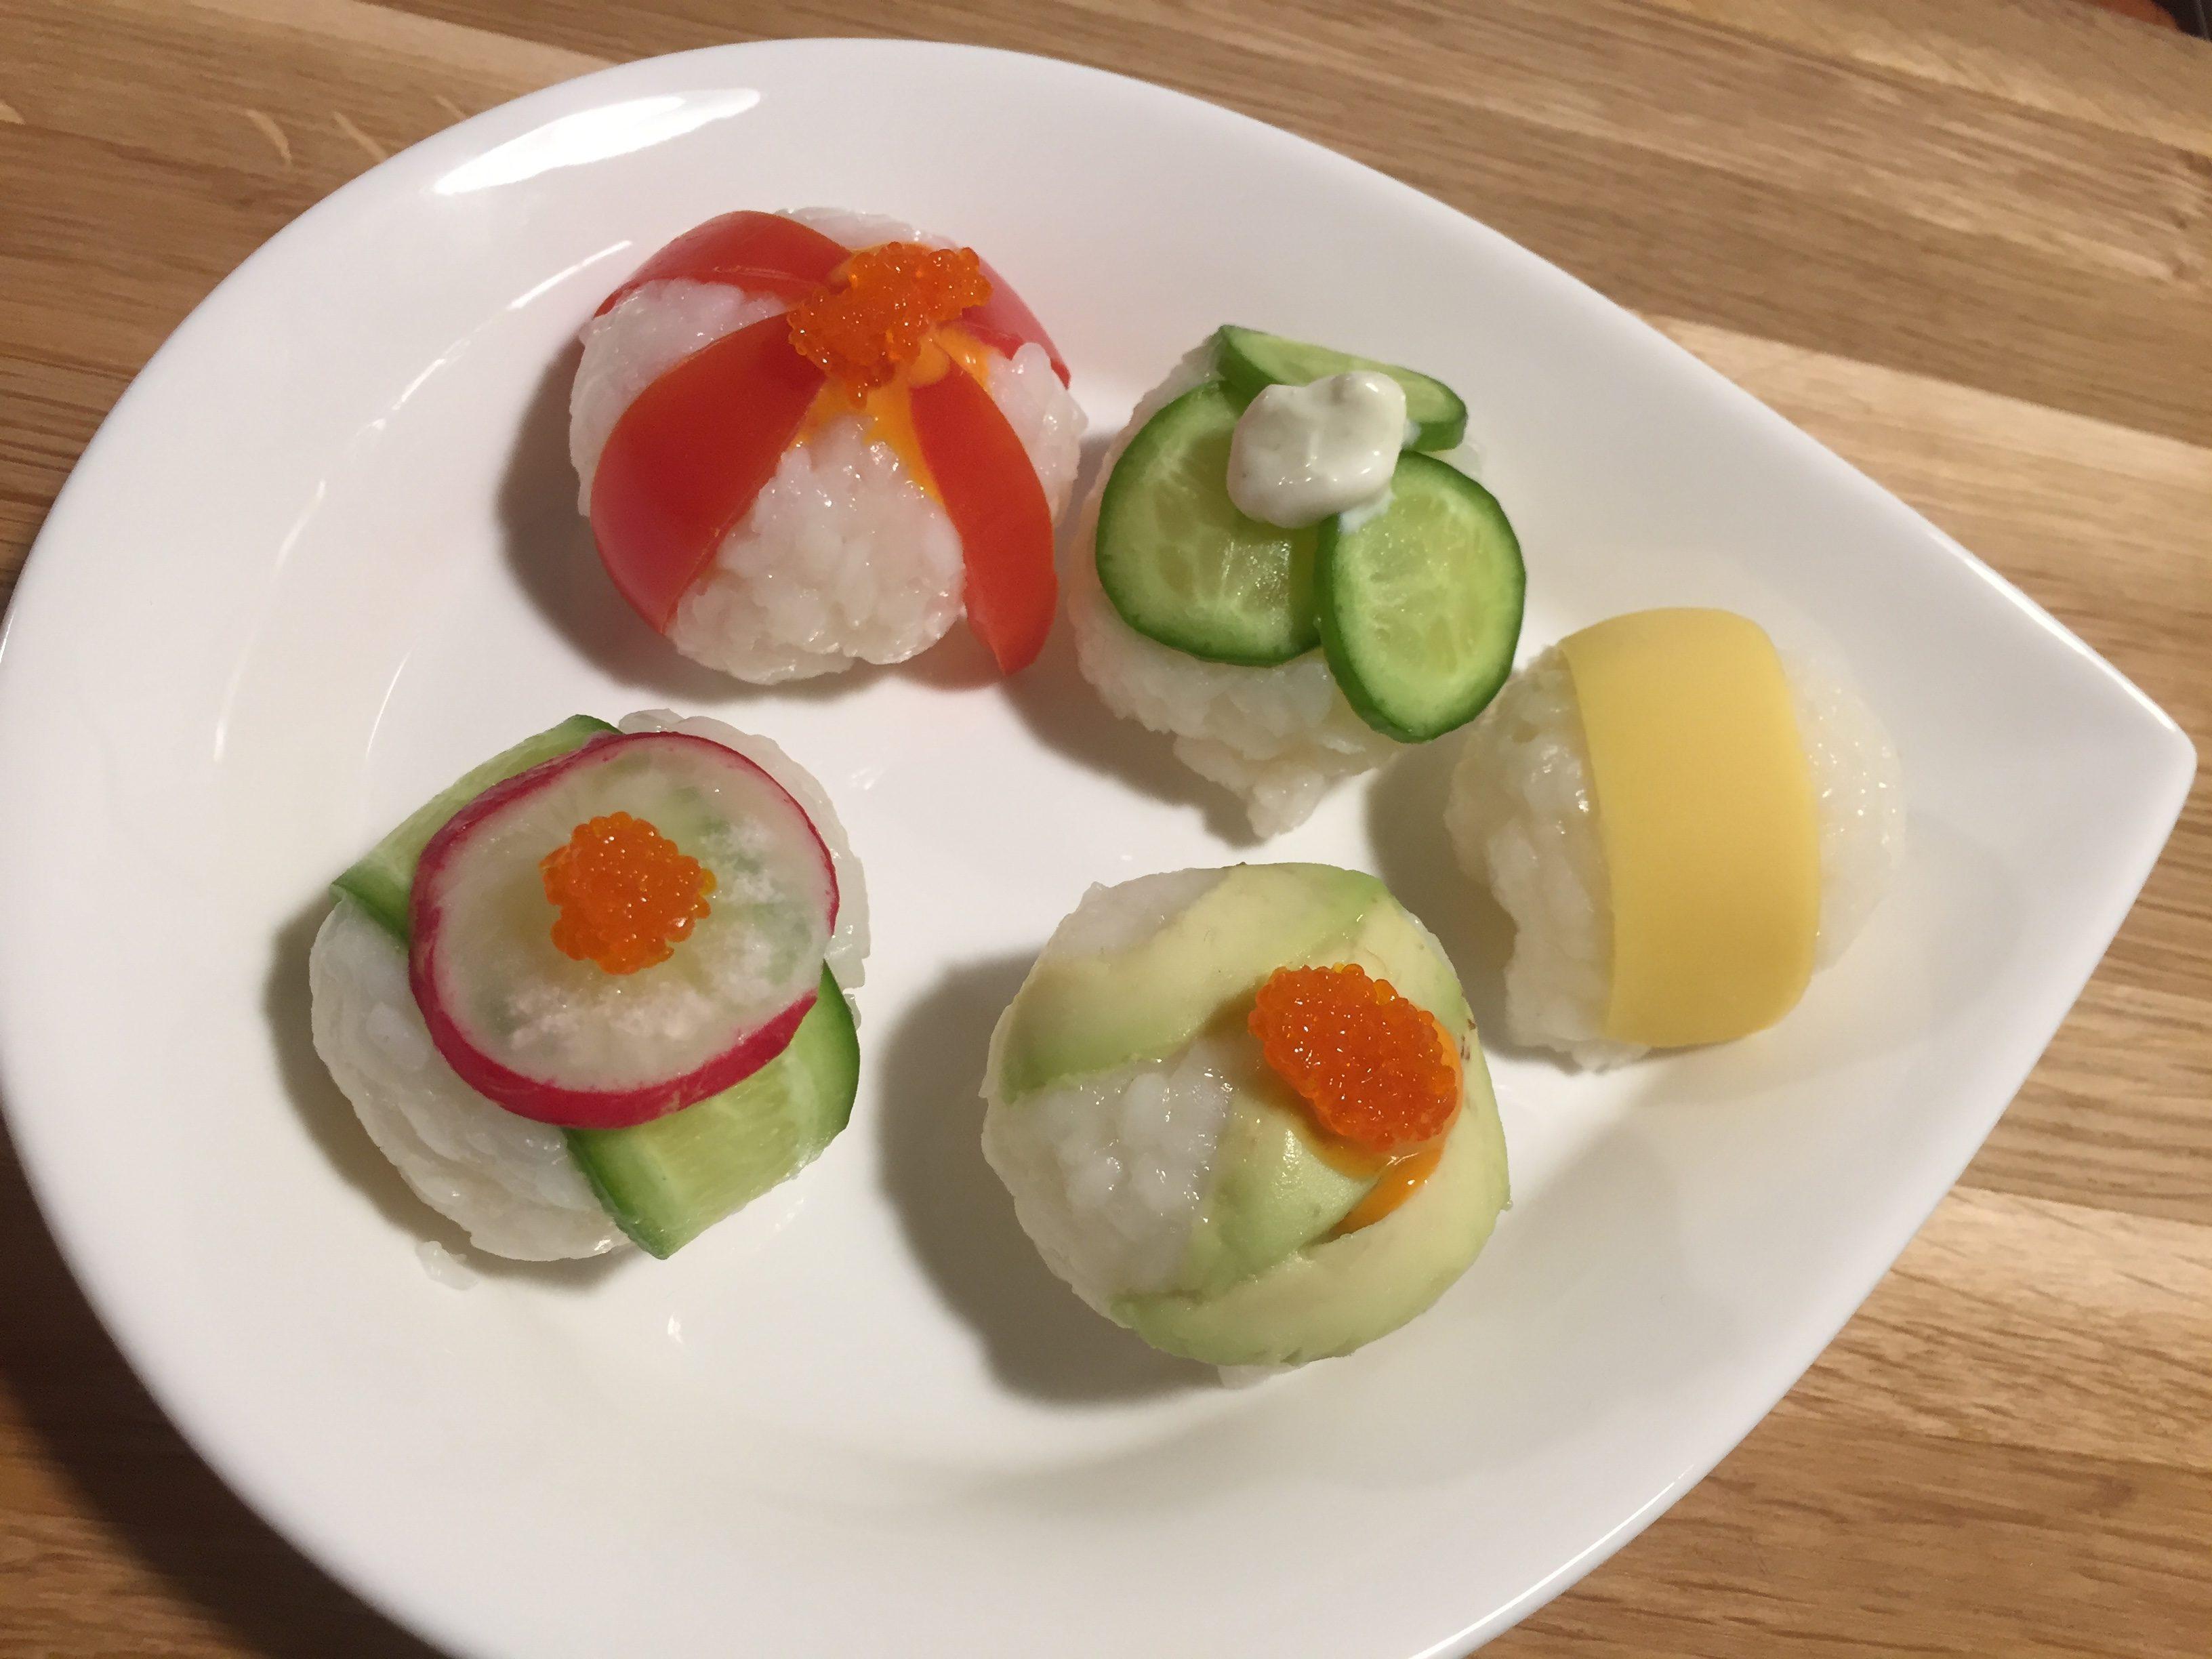 Temari sushi – sushi balls